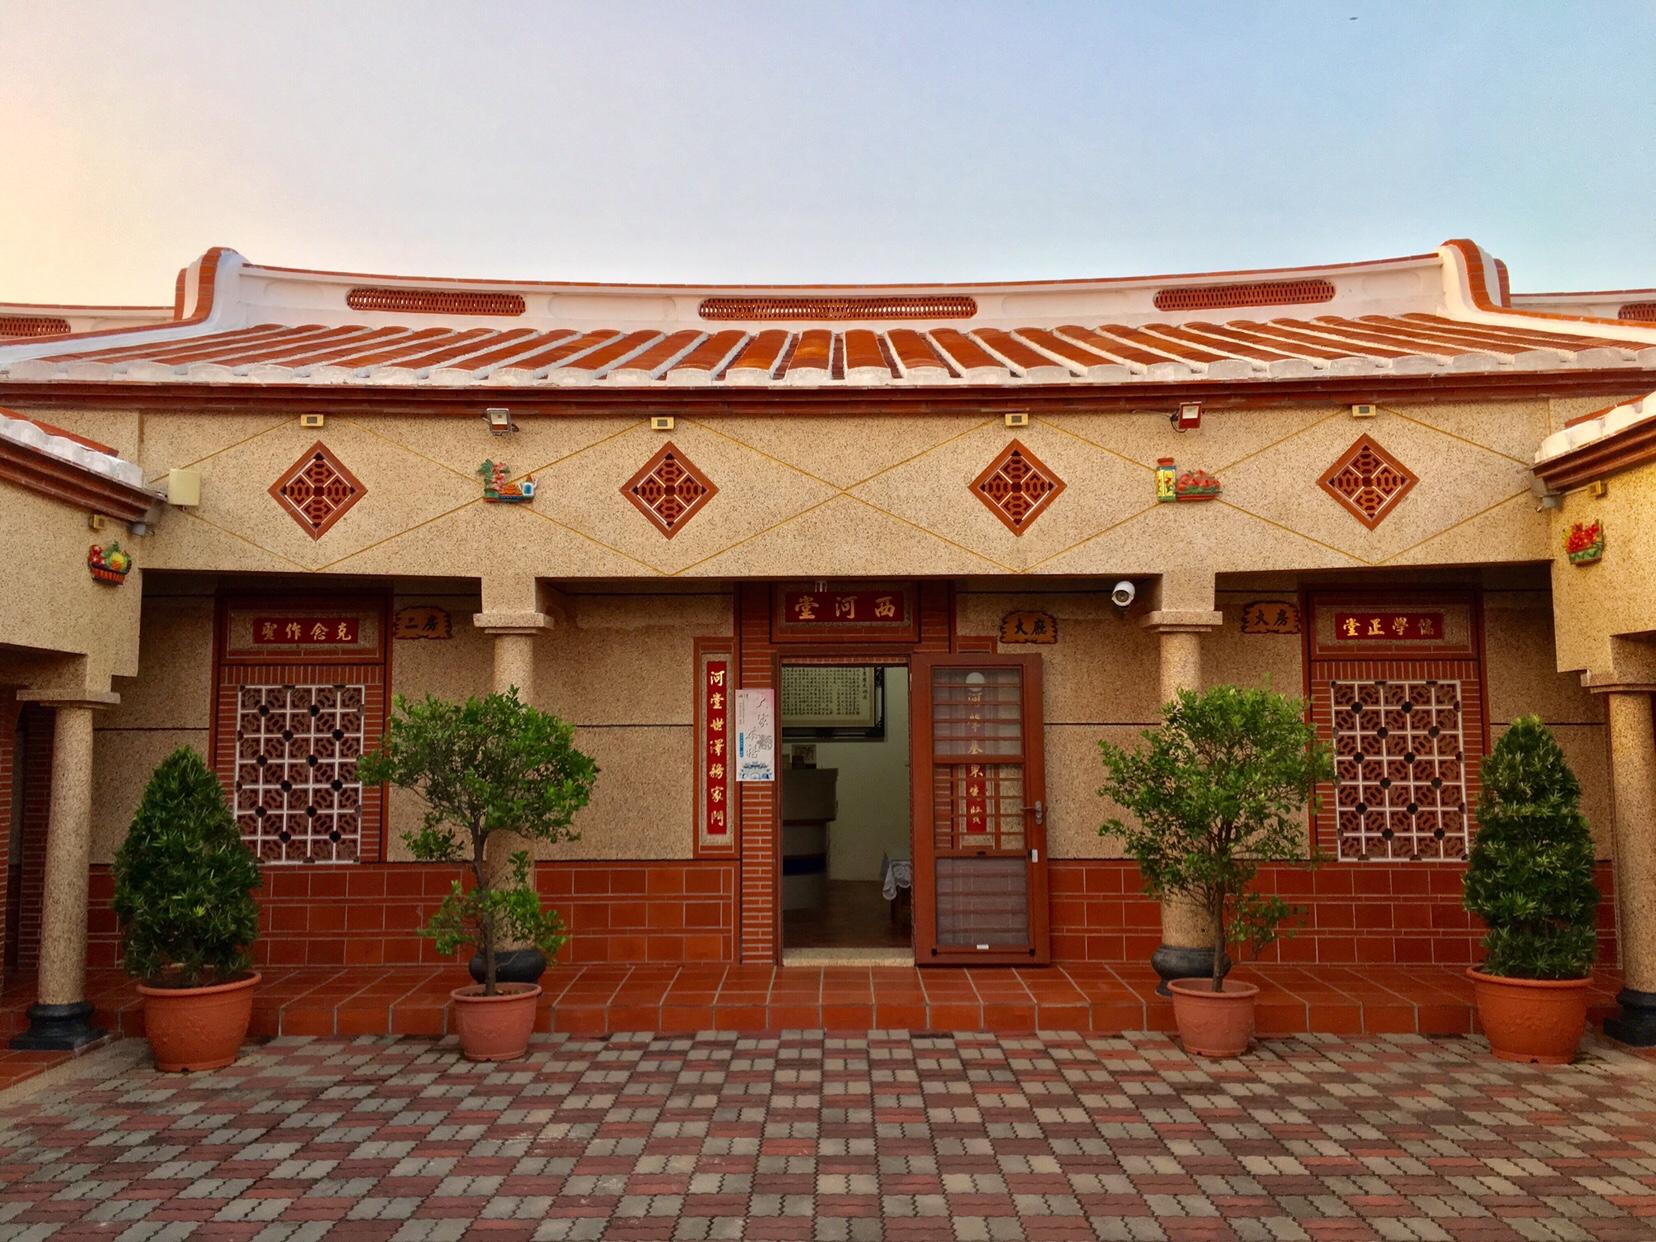 Xiaoliuqiu guesthouse b&b